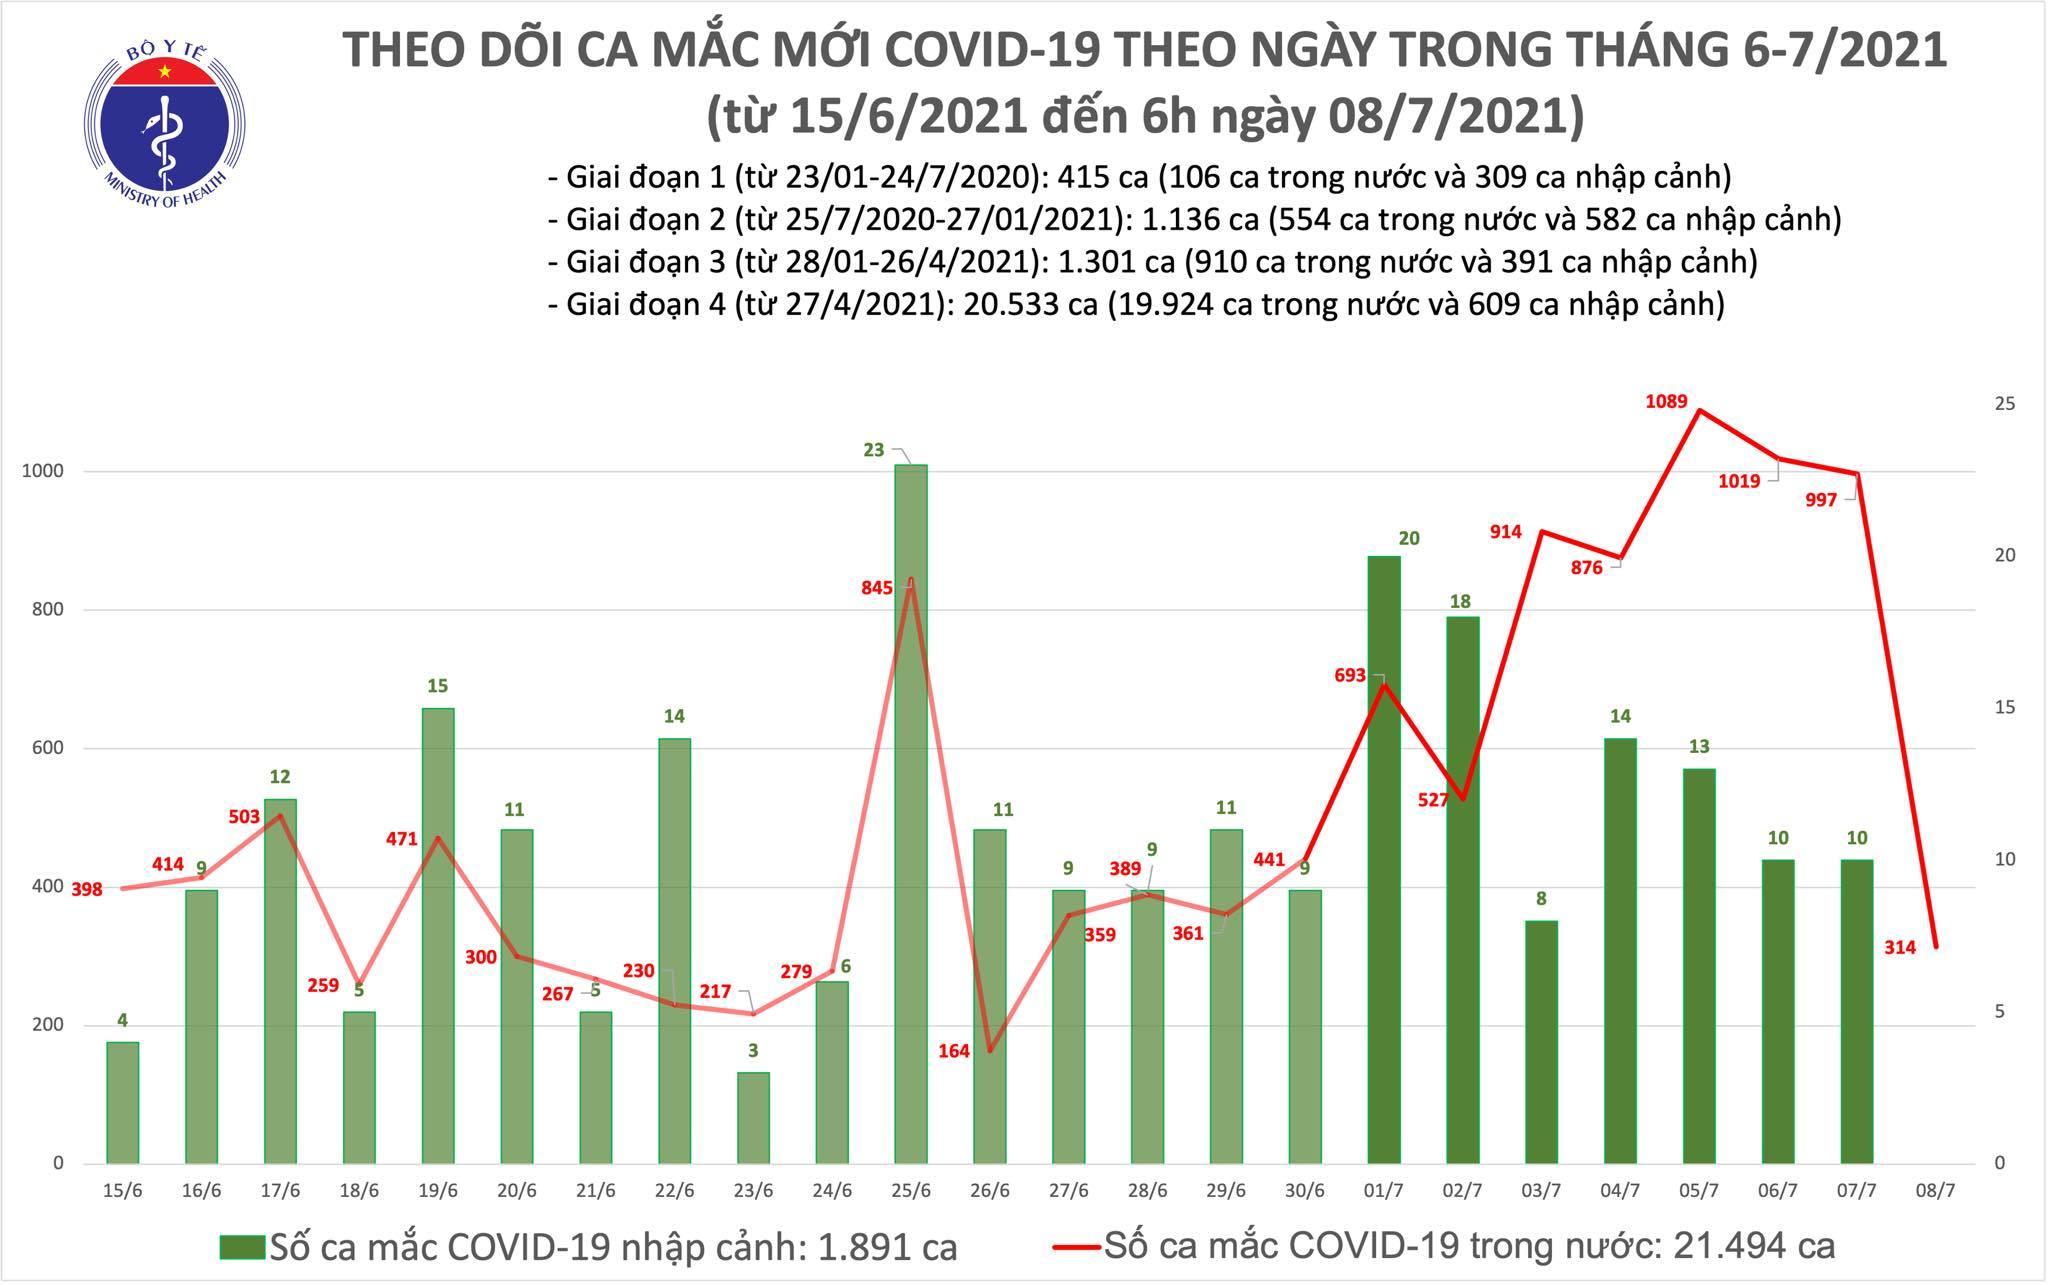 Sáng 8/7 ghi nhận 314 ca Covid-19 tại TP.HCM và Bình Dương